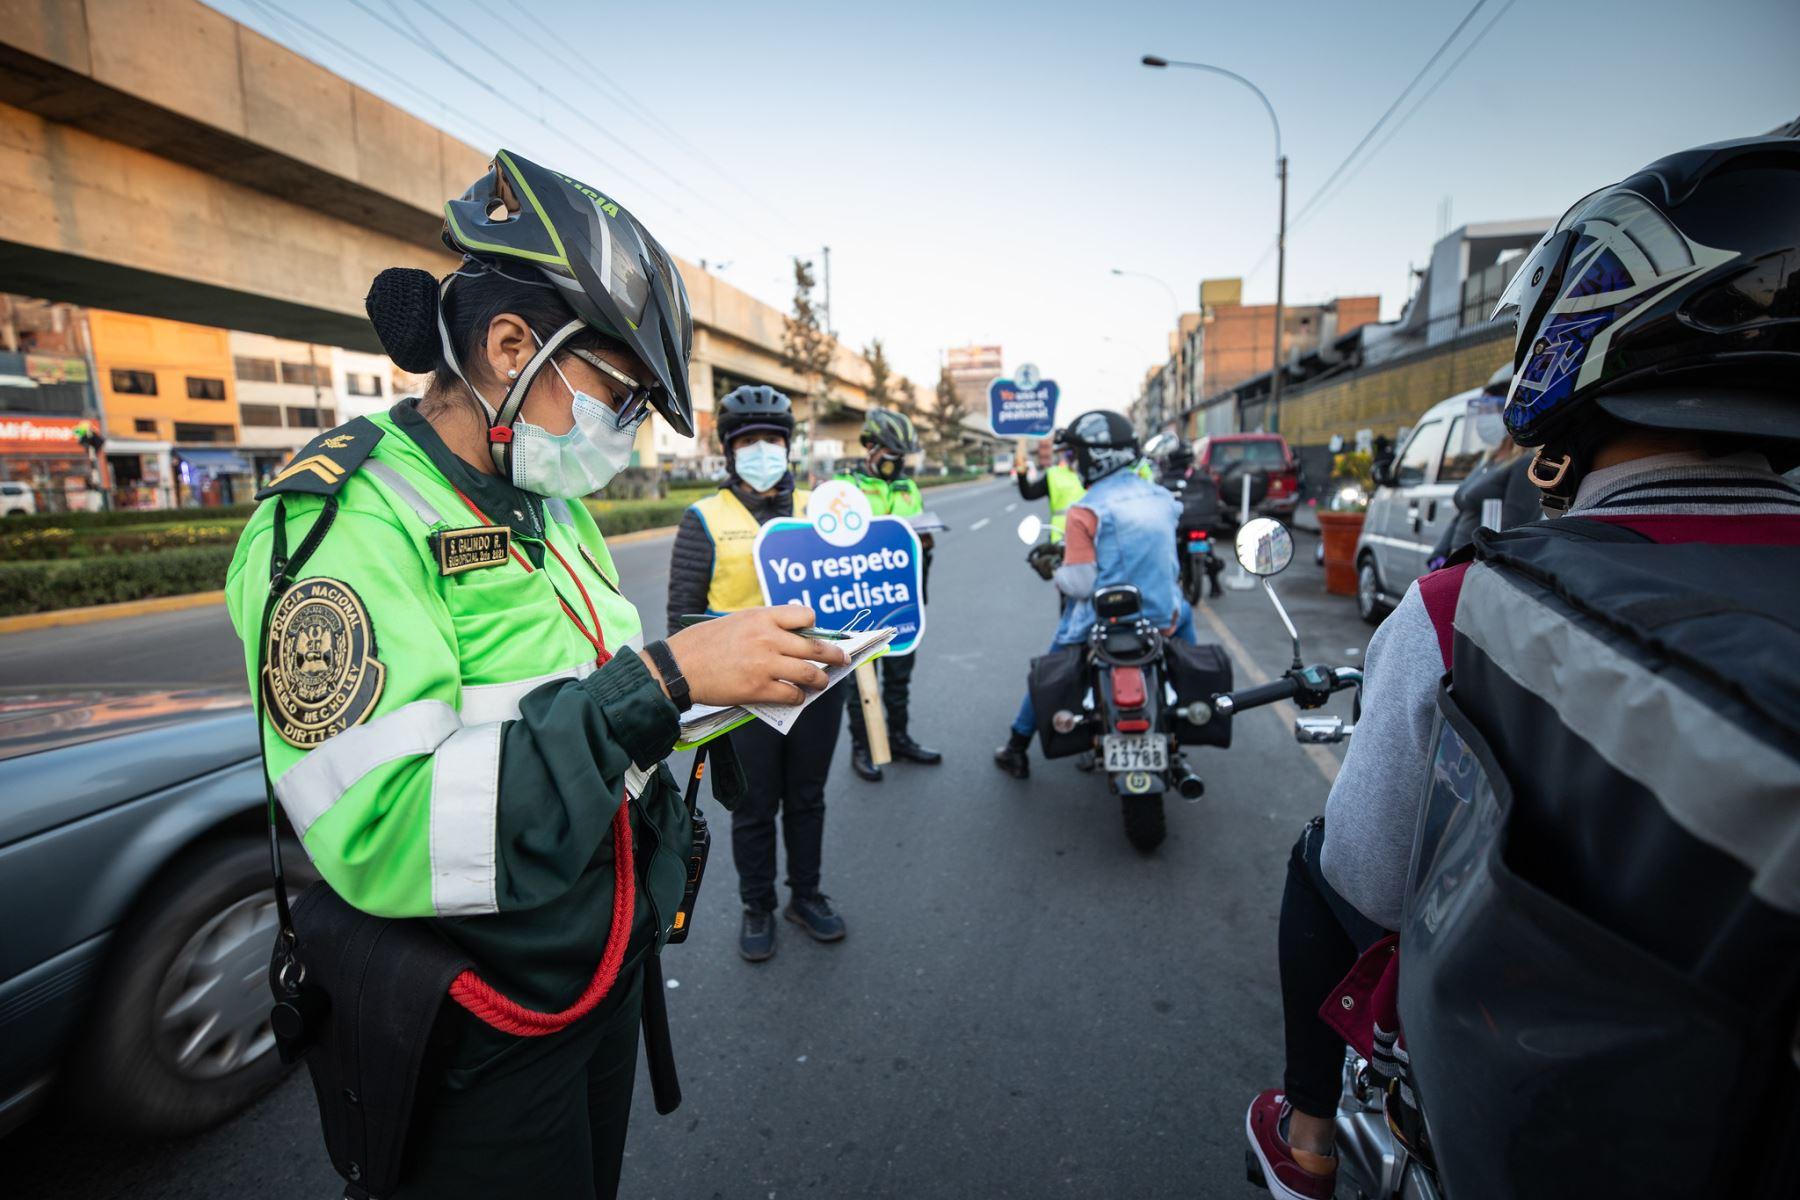 En operativo realizado por la Municipalidad de Lima y la Policía de Tránsito, conductores de vehículos menores fueron sancionados con multas de S/352.